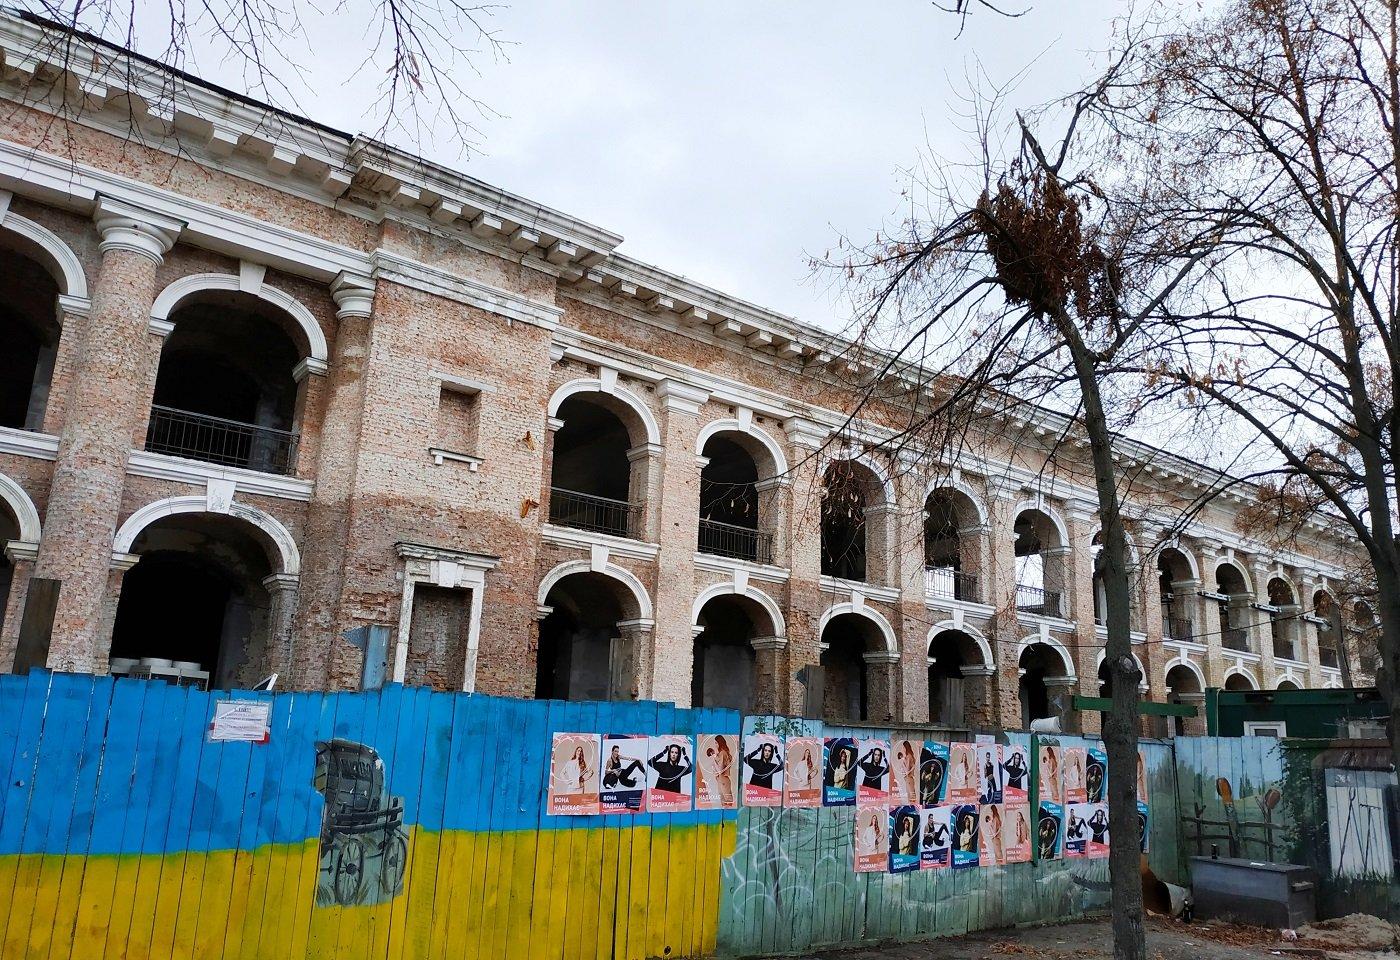 Гостиный двор в Киеве, Фото:  Jinma Owa